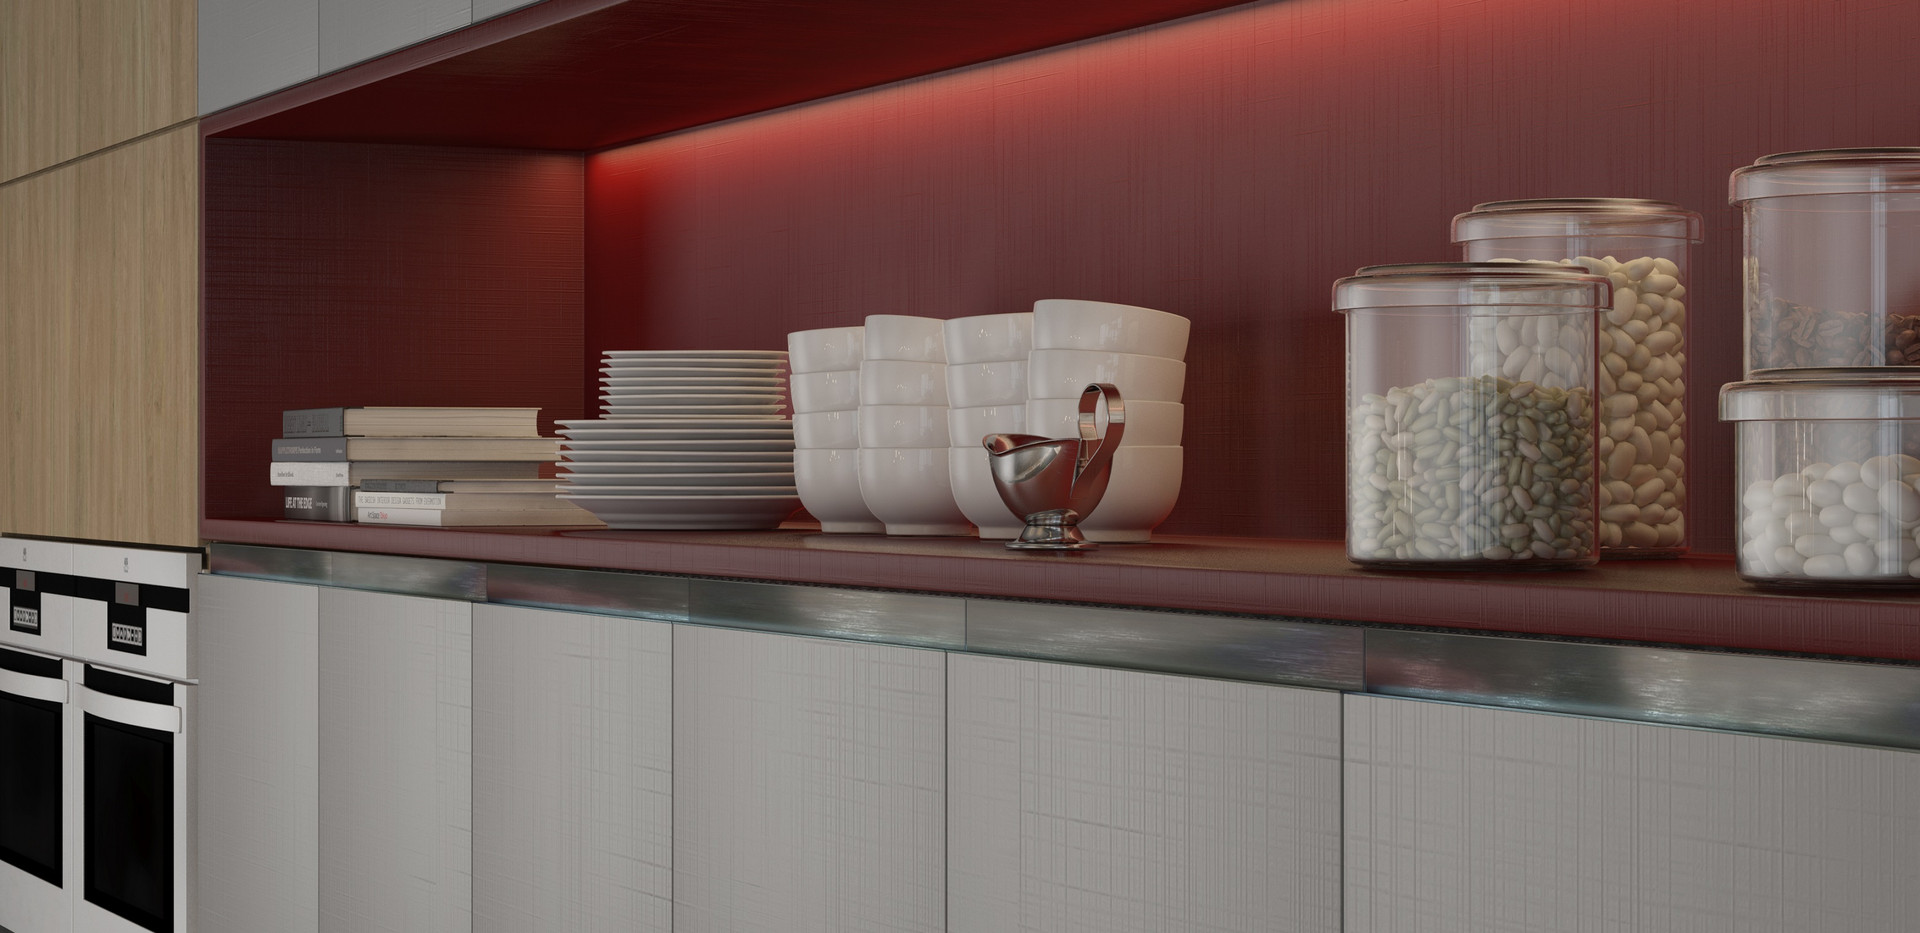 coz14 cozinha planejada vermelho led  pl